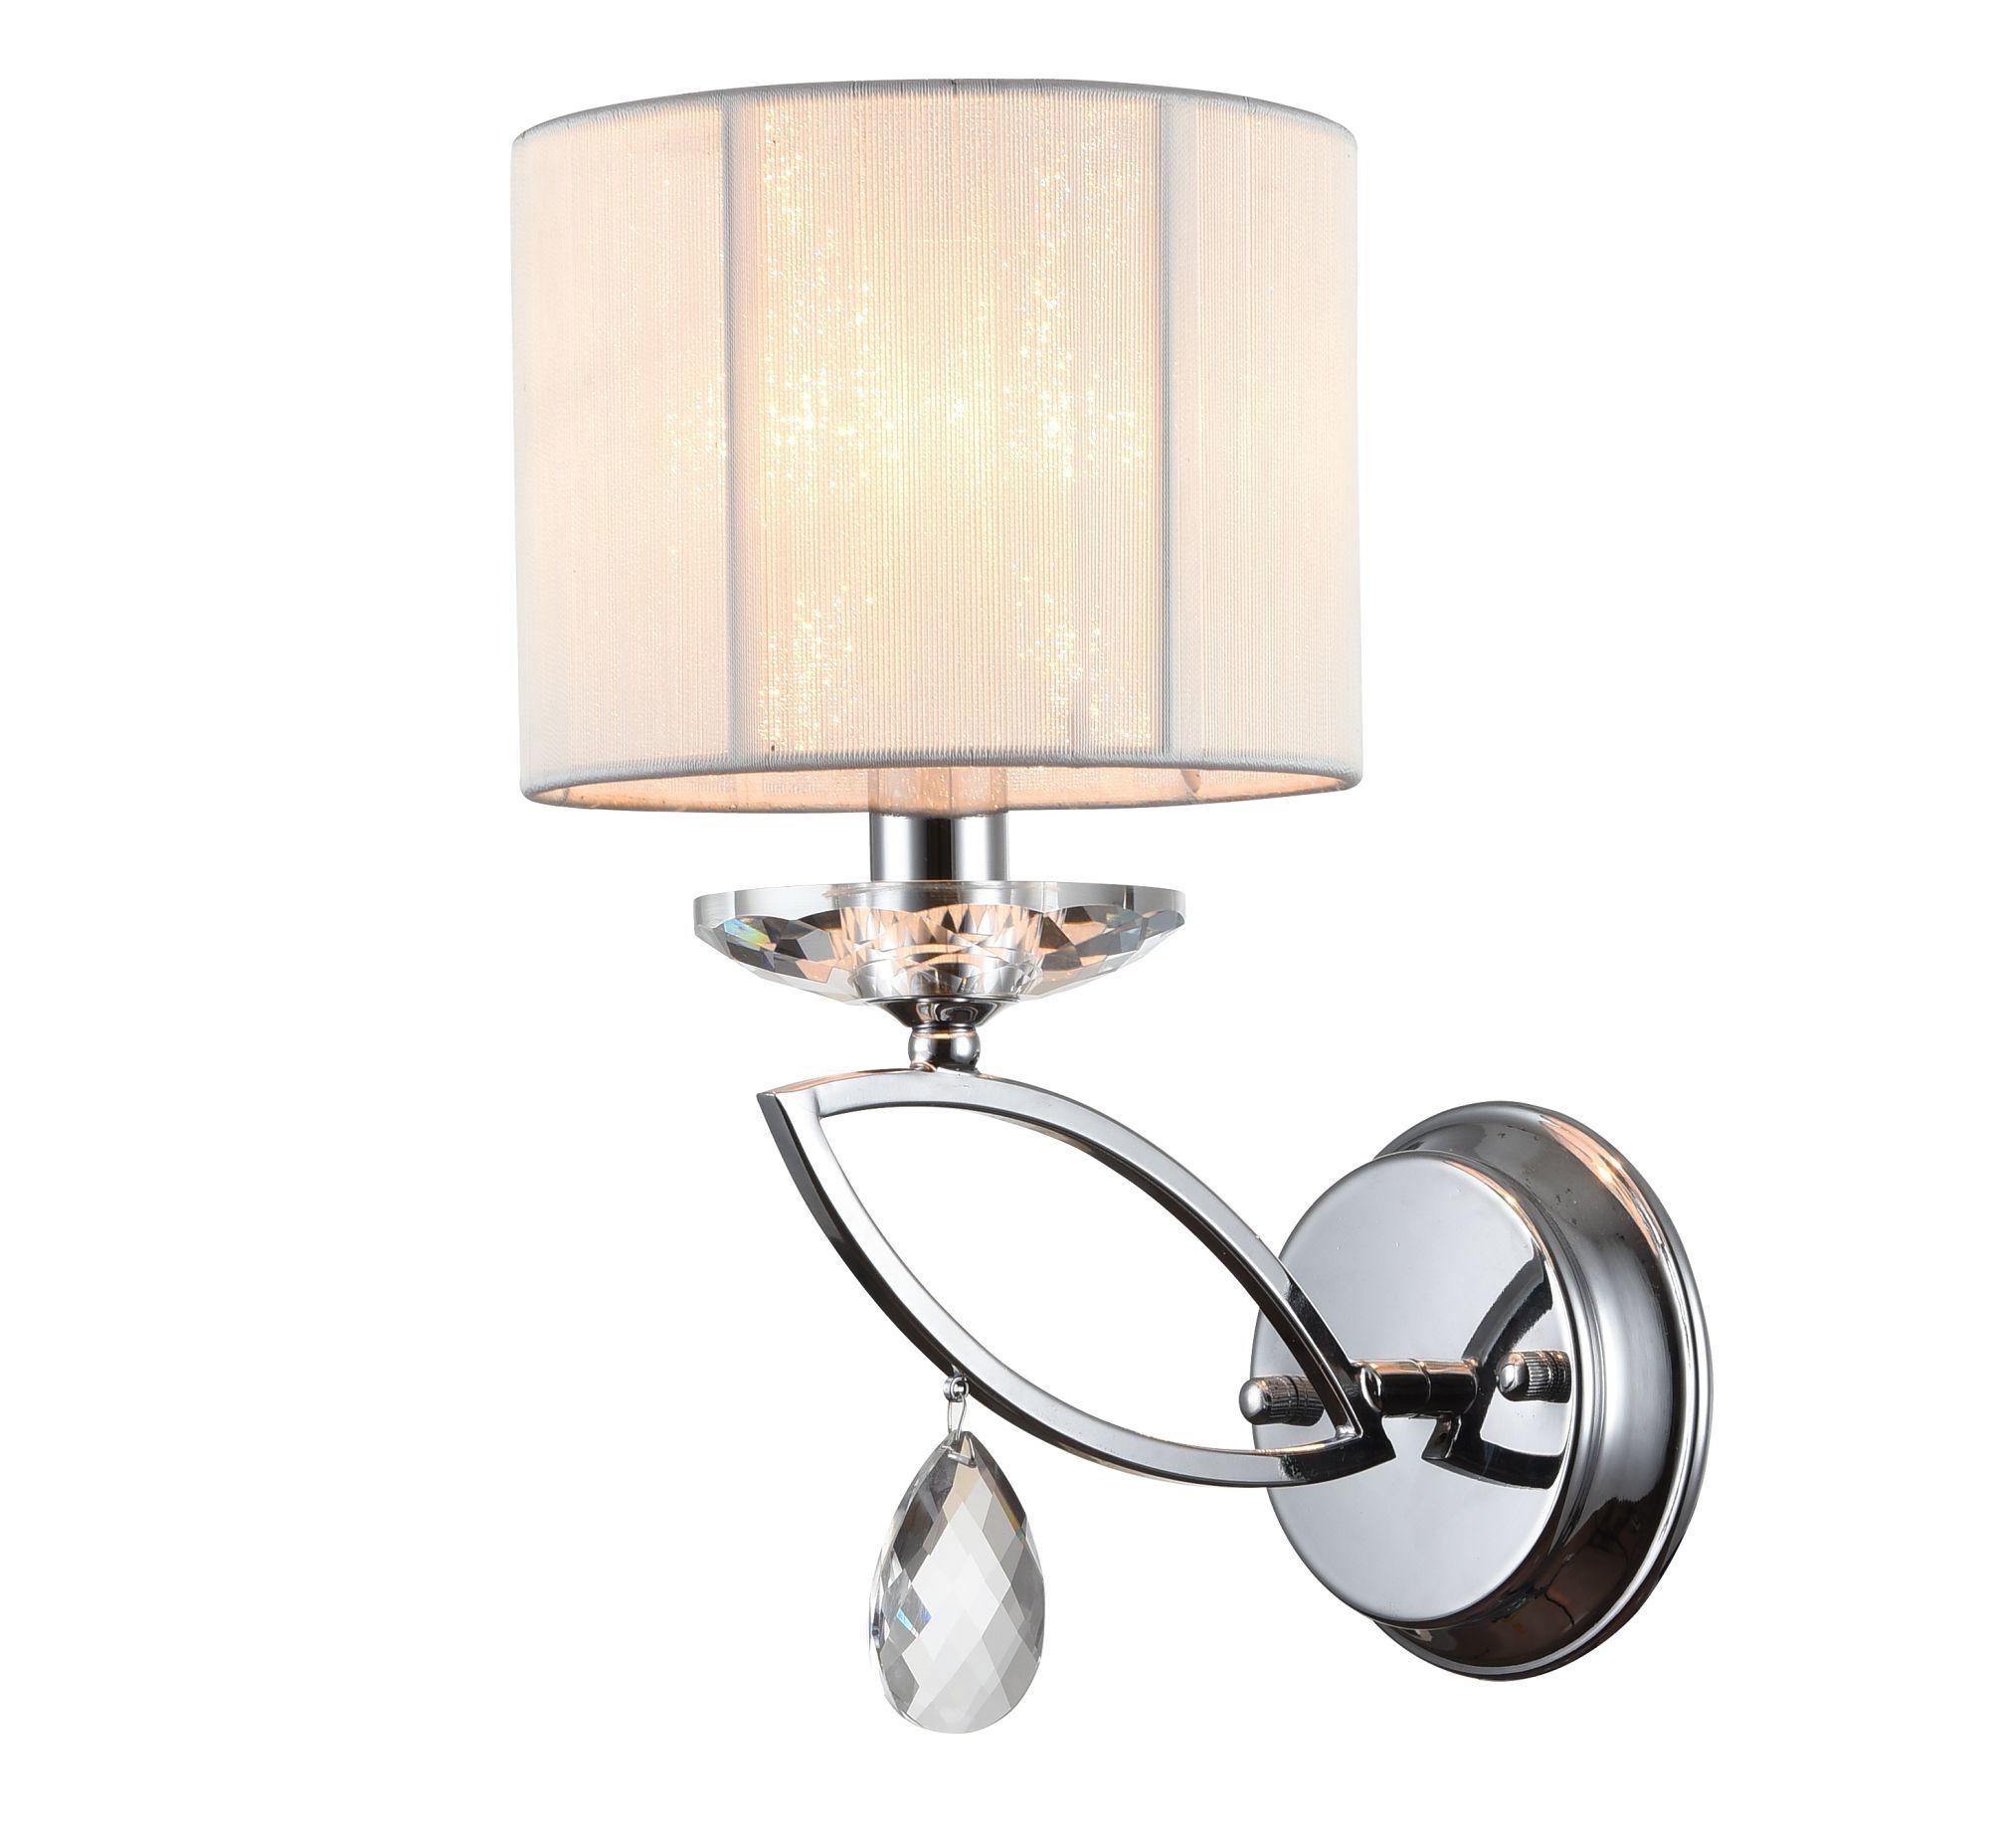 Бра Maytoni Miraggio MOD602-01-N, 1xE14x40W, хром, белый, прозрачный, металл со стеклом, текстиль, стекло - фото 1